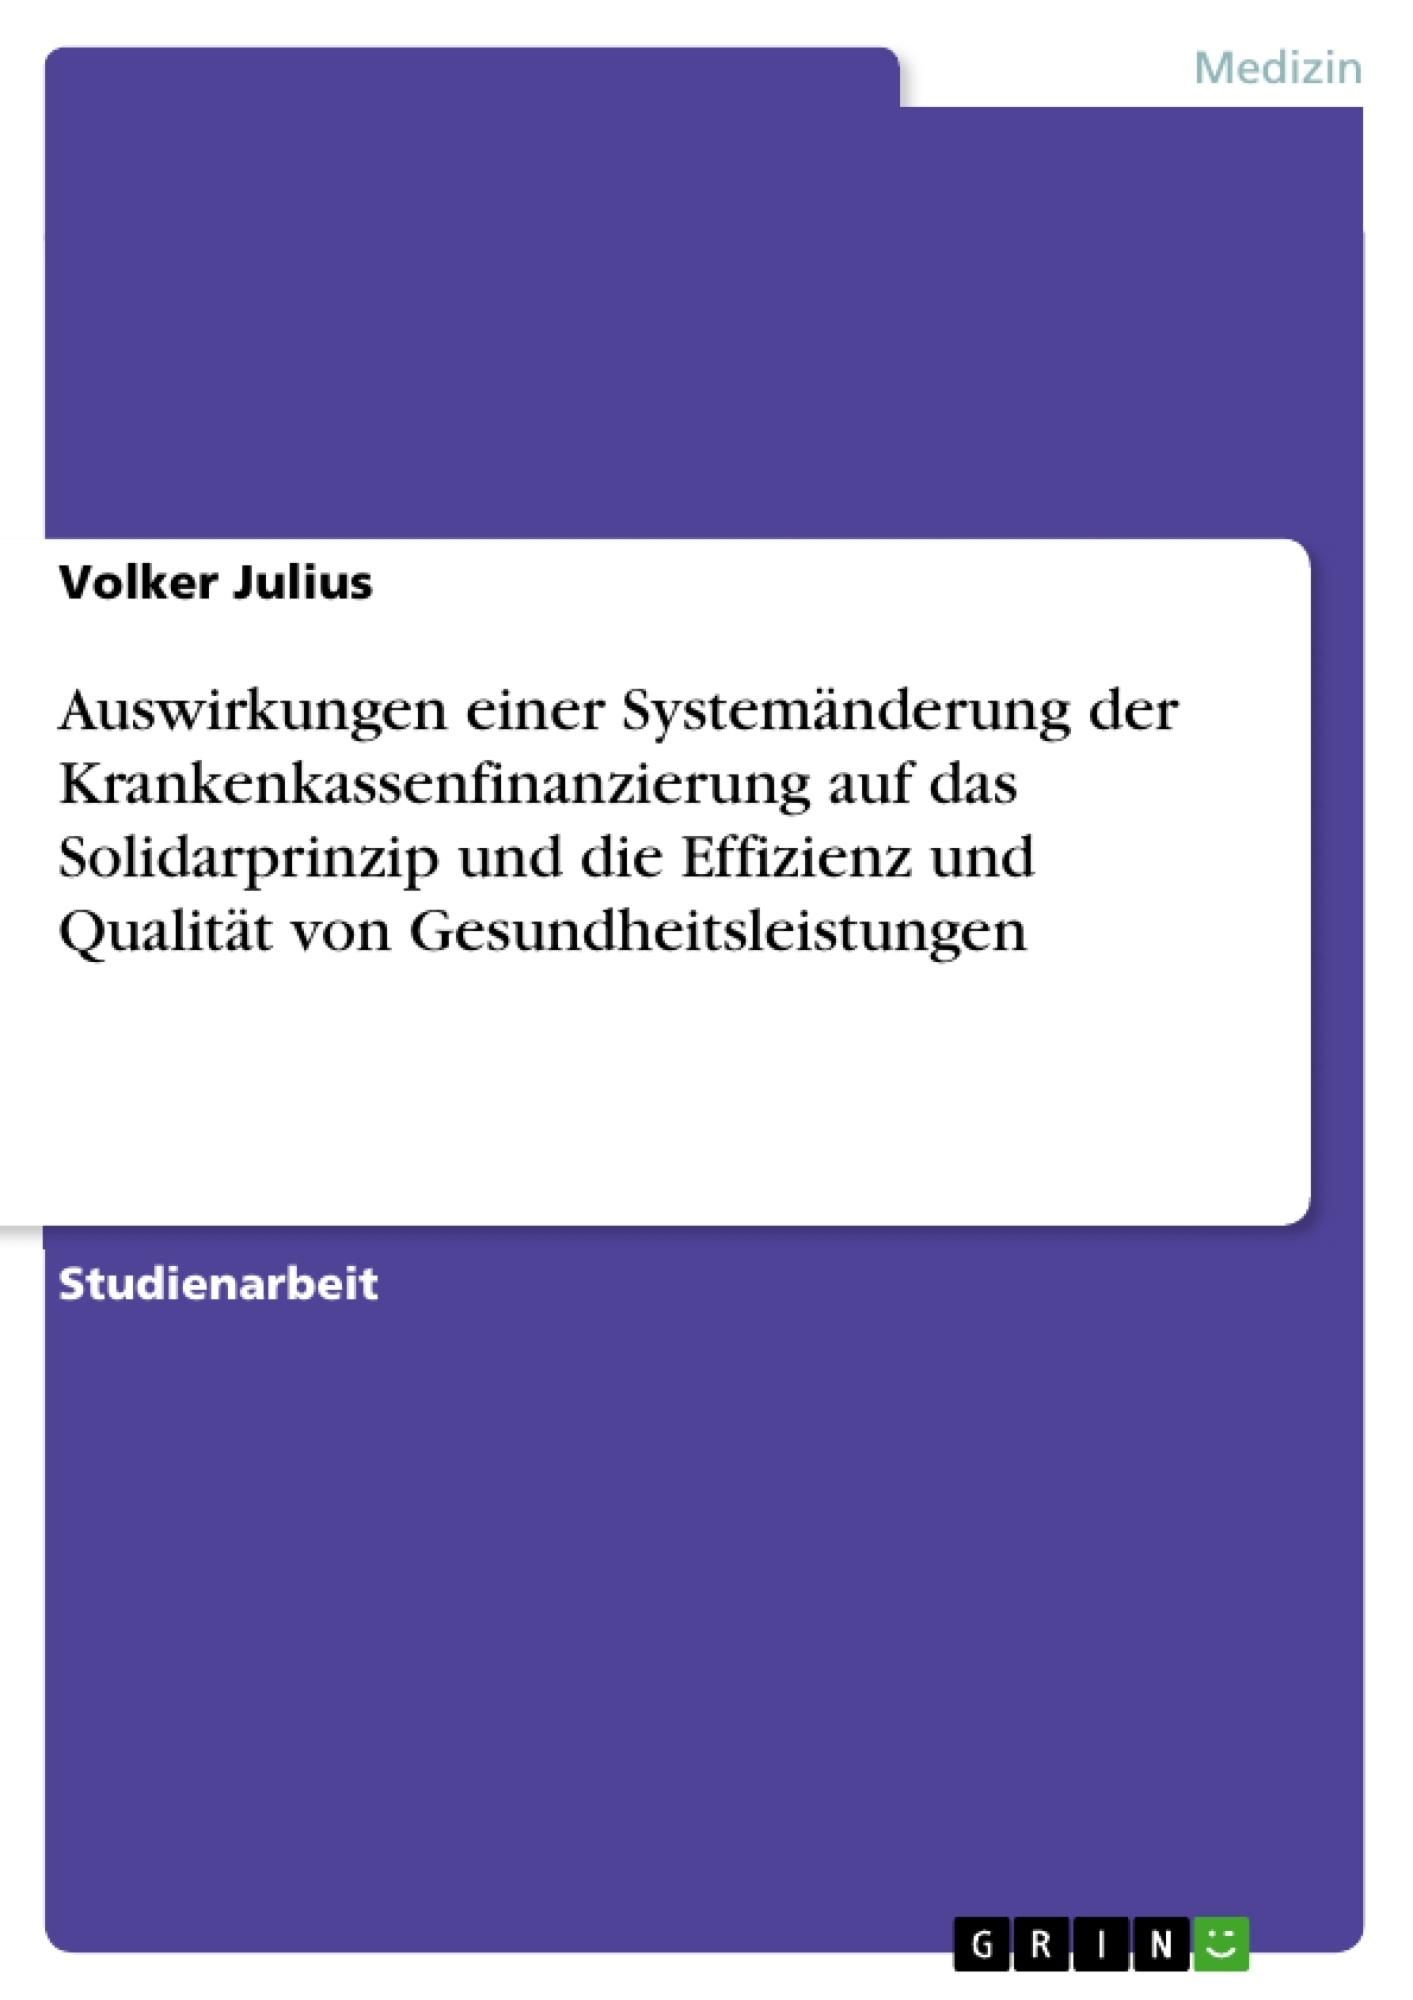 Titel: Auswirkungen einer Systemänderung der Krankenkassenfinanzierung auf das Solidarprinzip und die Effizienz und Qualität von Gesundheitsleistungen